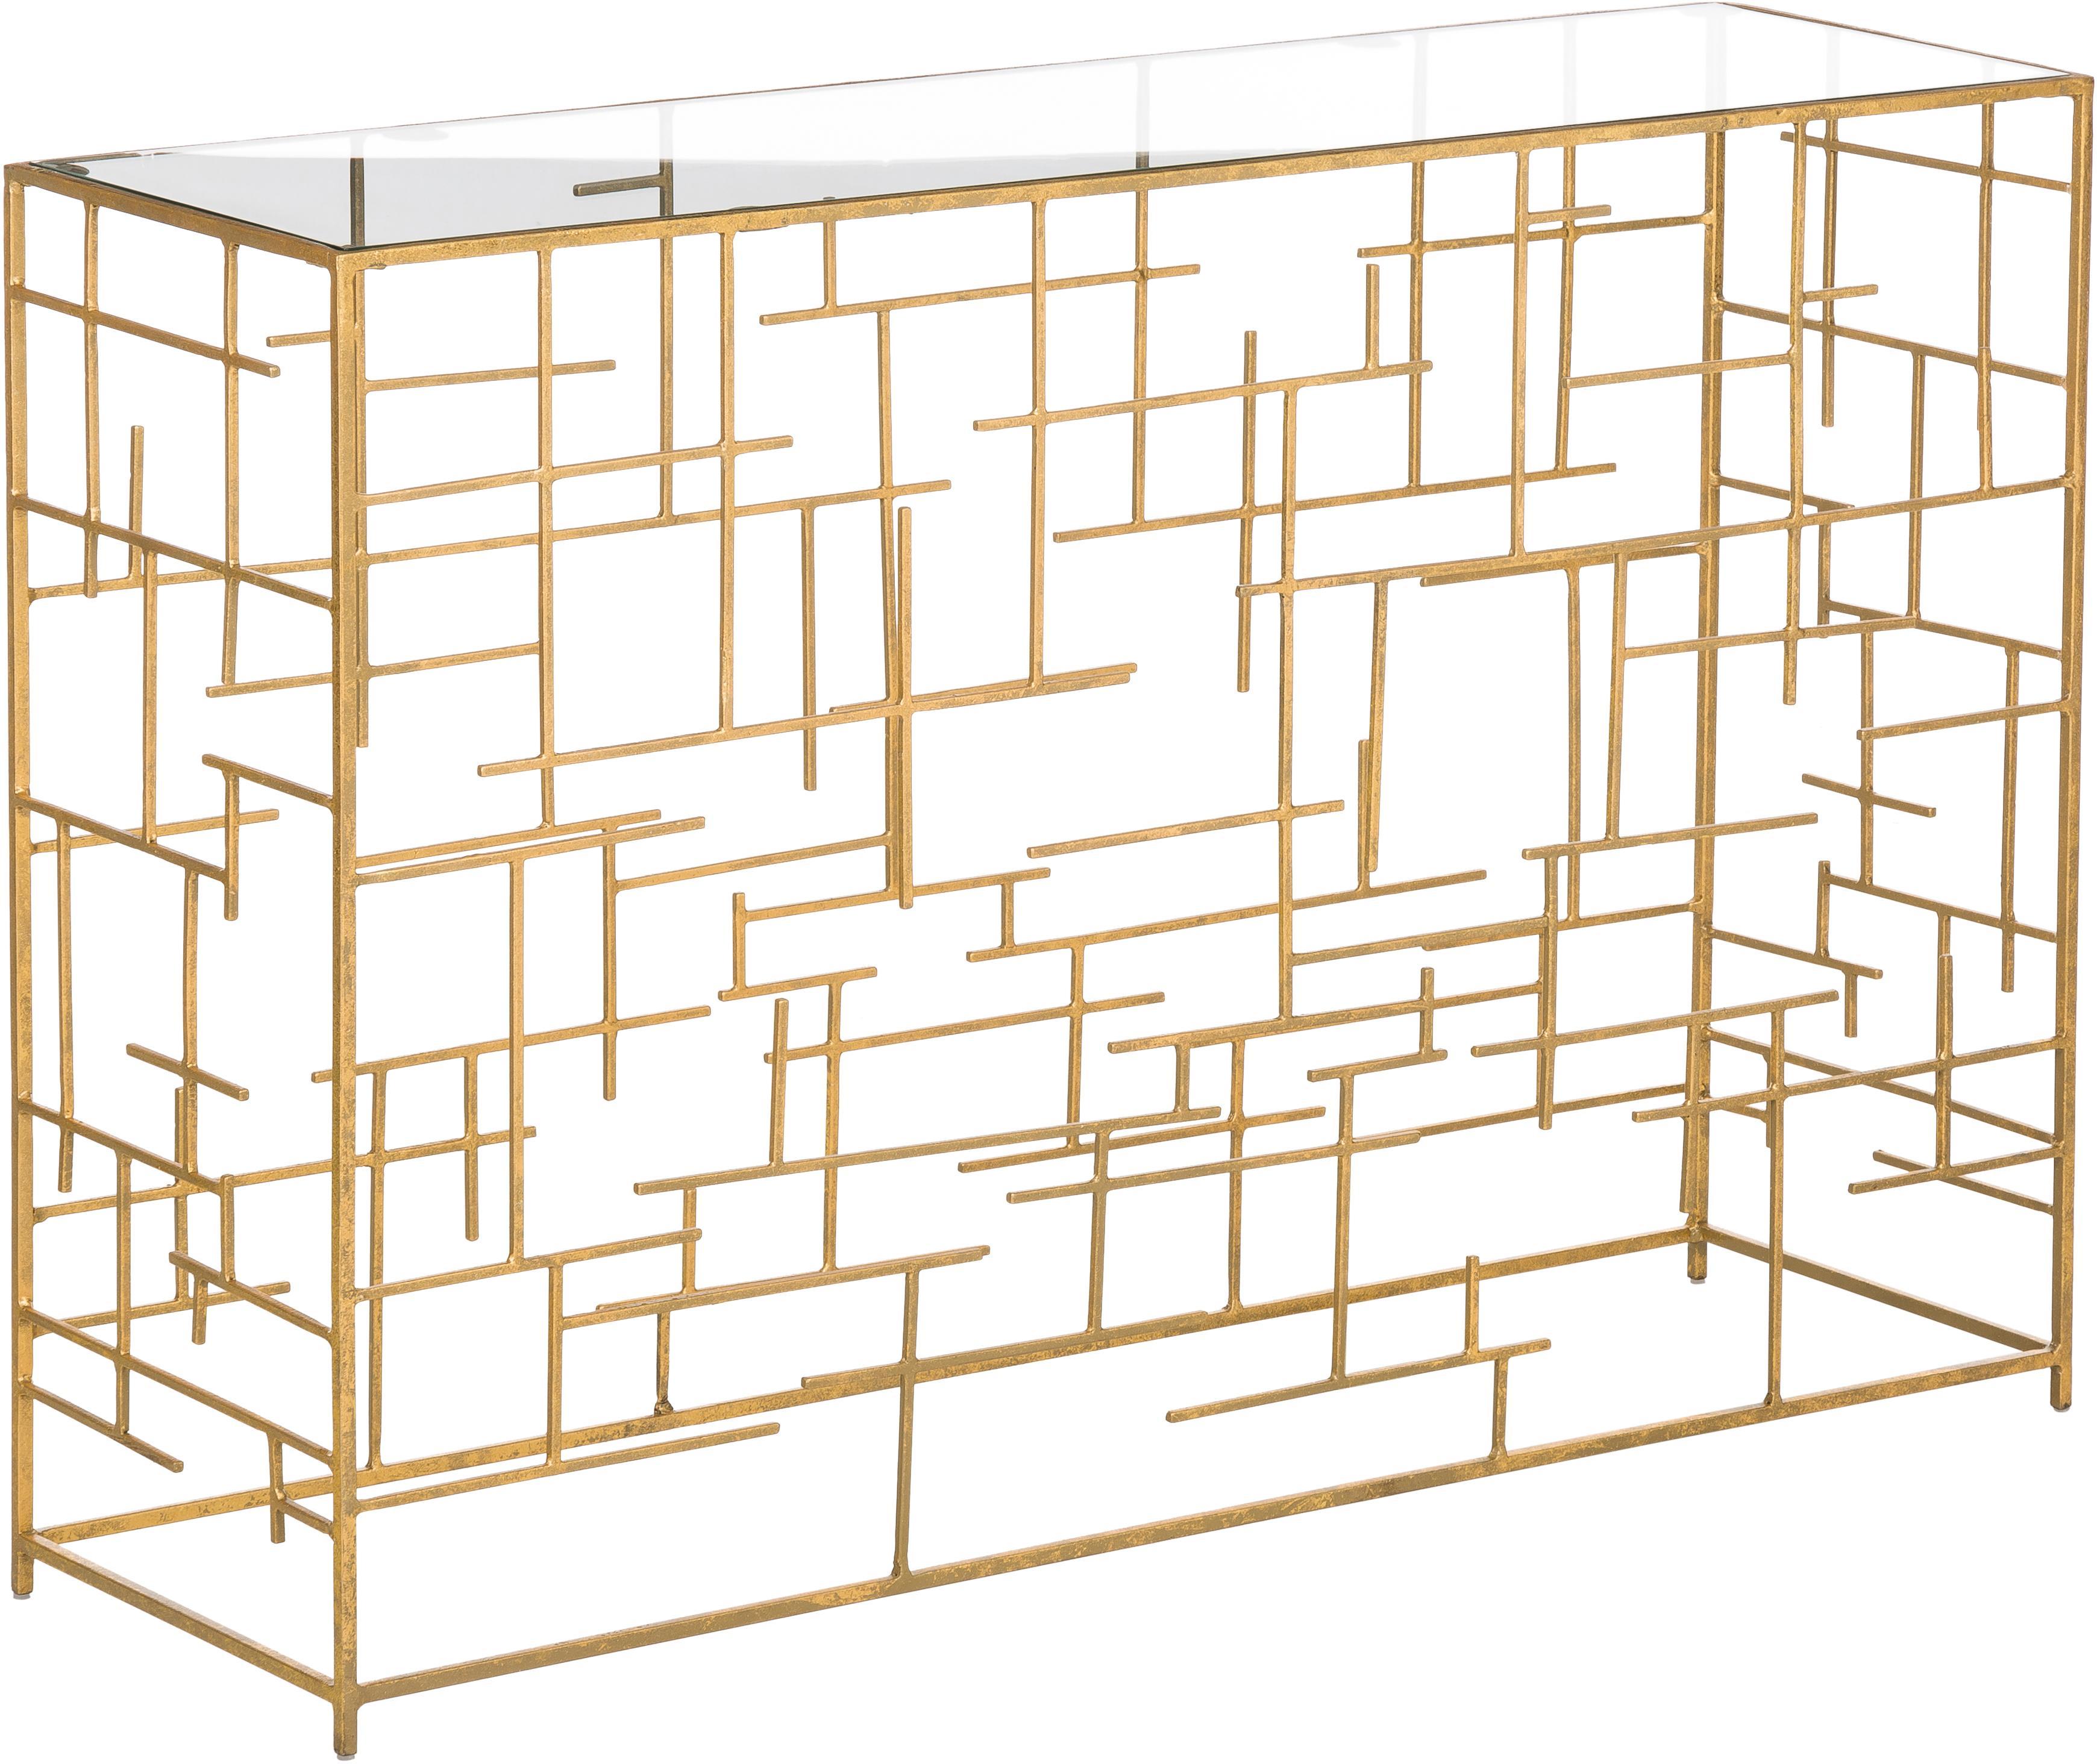 Consola de metal Nola, tablero de cristal, Estante: vidrio, Estructura: metal, recubierto, Dorado, An 120 x Al 80 cm